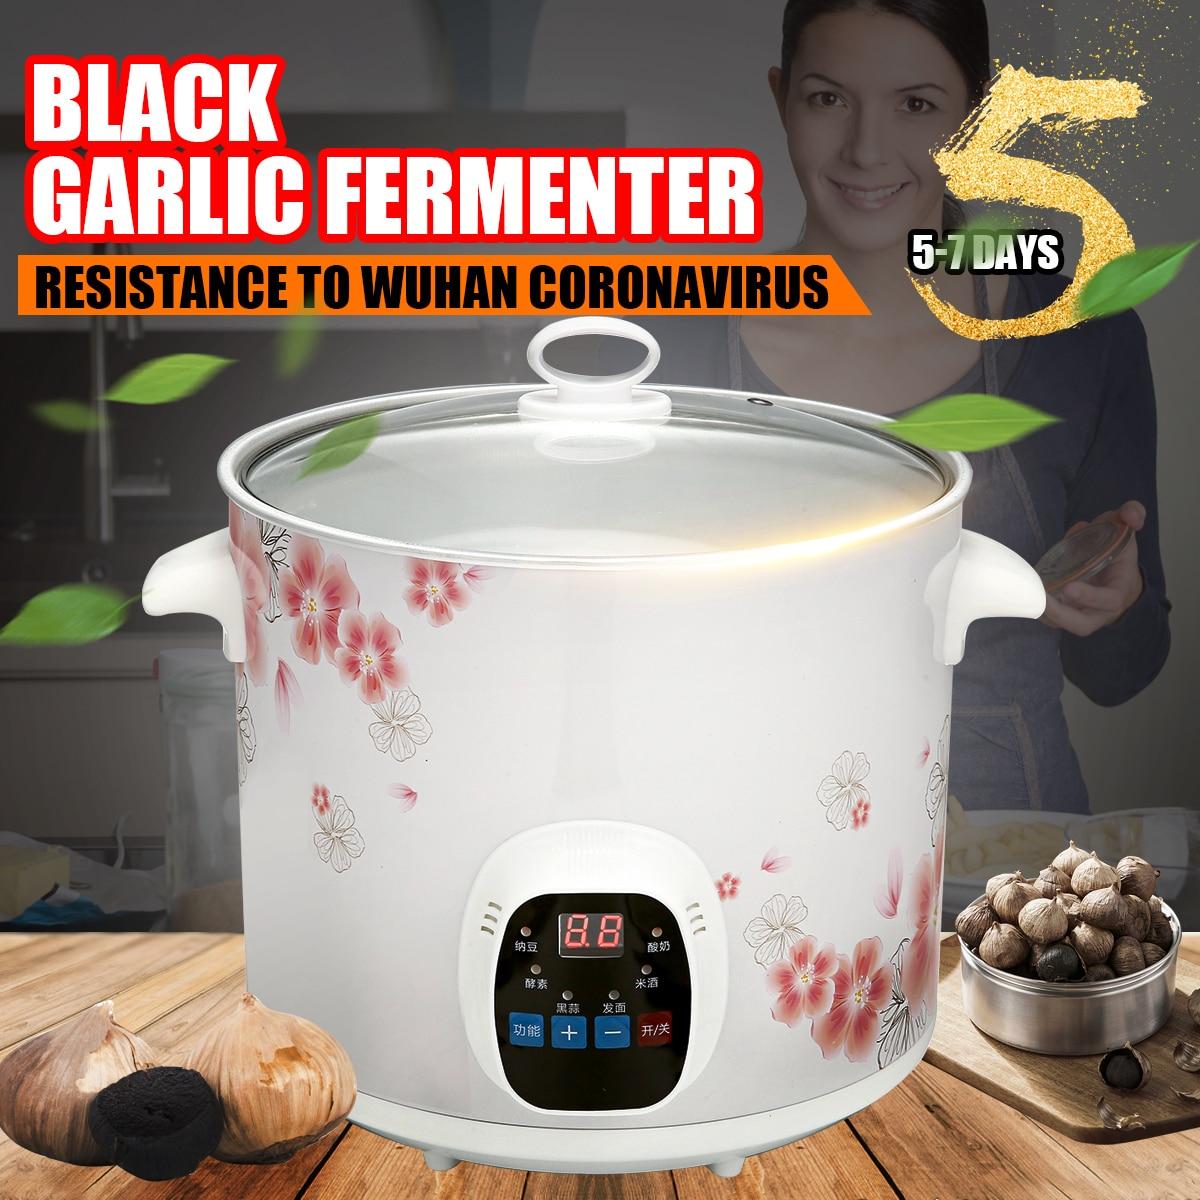 6L siyah sarımsak fermentasyon cihazı çok fonksiyonlu siyah sarımsak mayası kutusu akıllı fermantasyon makinesi ev mutfak sarımsak makinesi ocak